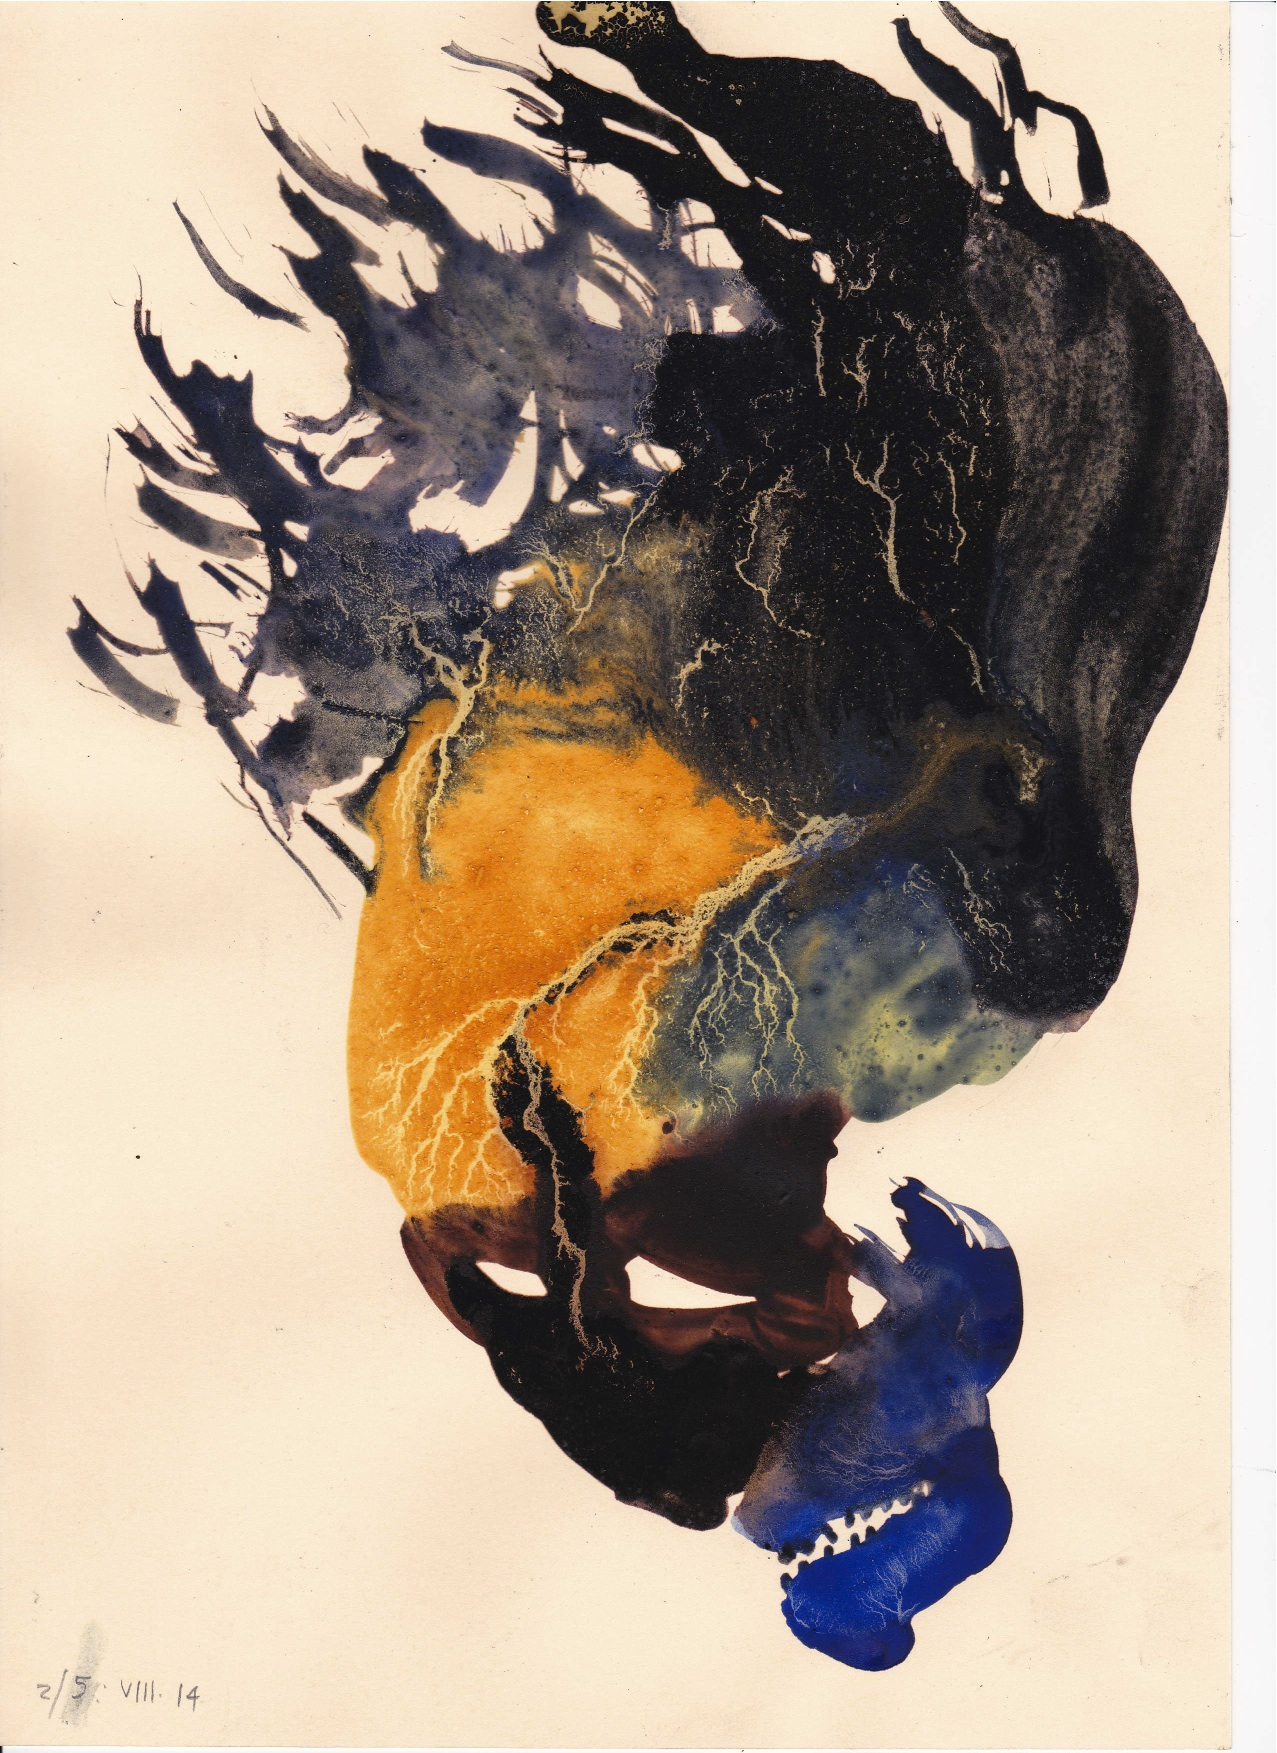 Une œuvre de Marco Botempo présentée par la galeriste Gloria Cohen.